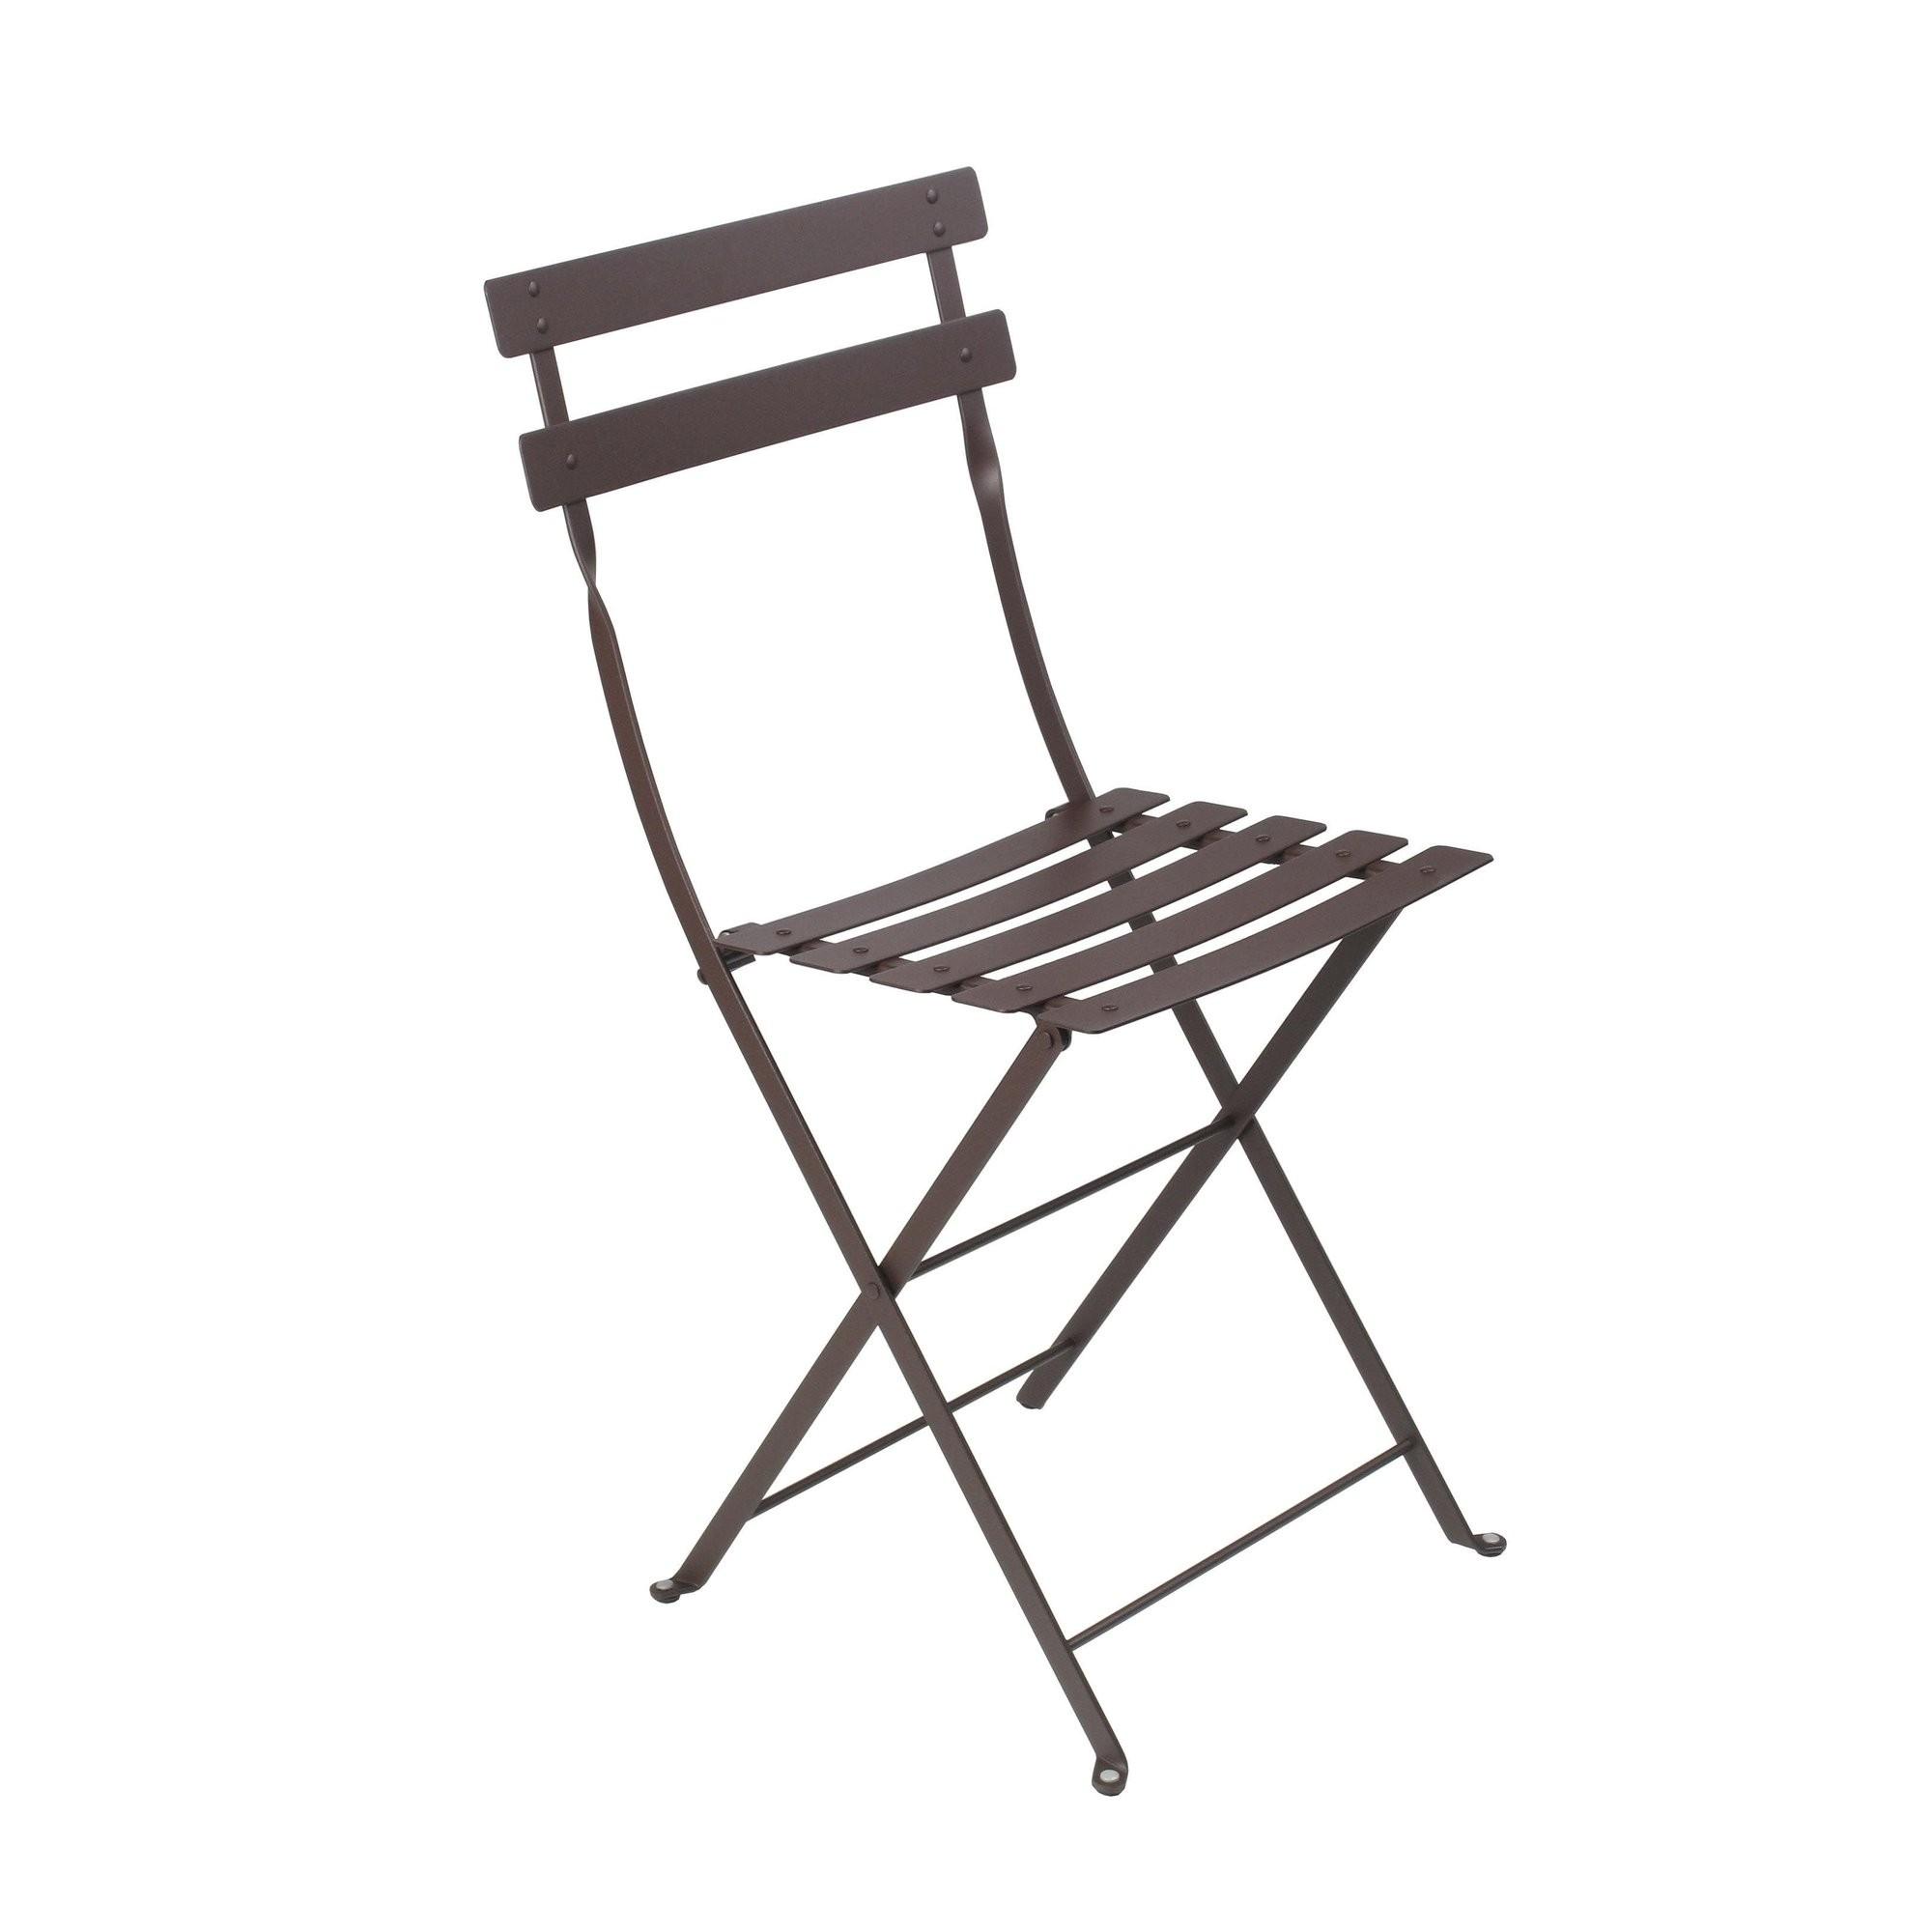 chaise bistro m tal de fermob rouille. Black Bedroom Furniture Sets. Home Design Ideas